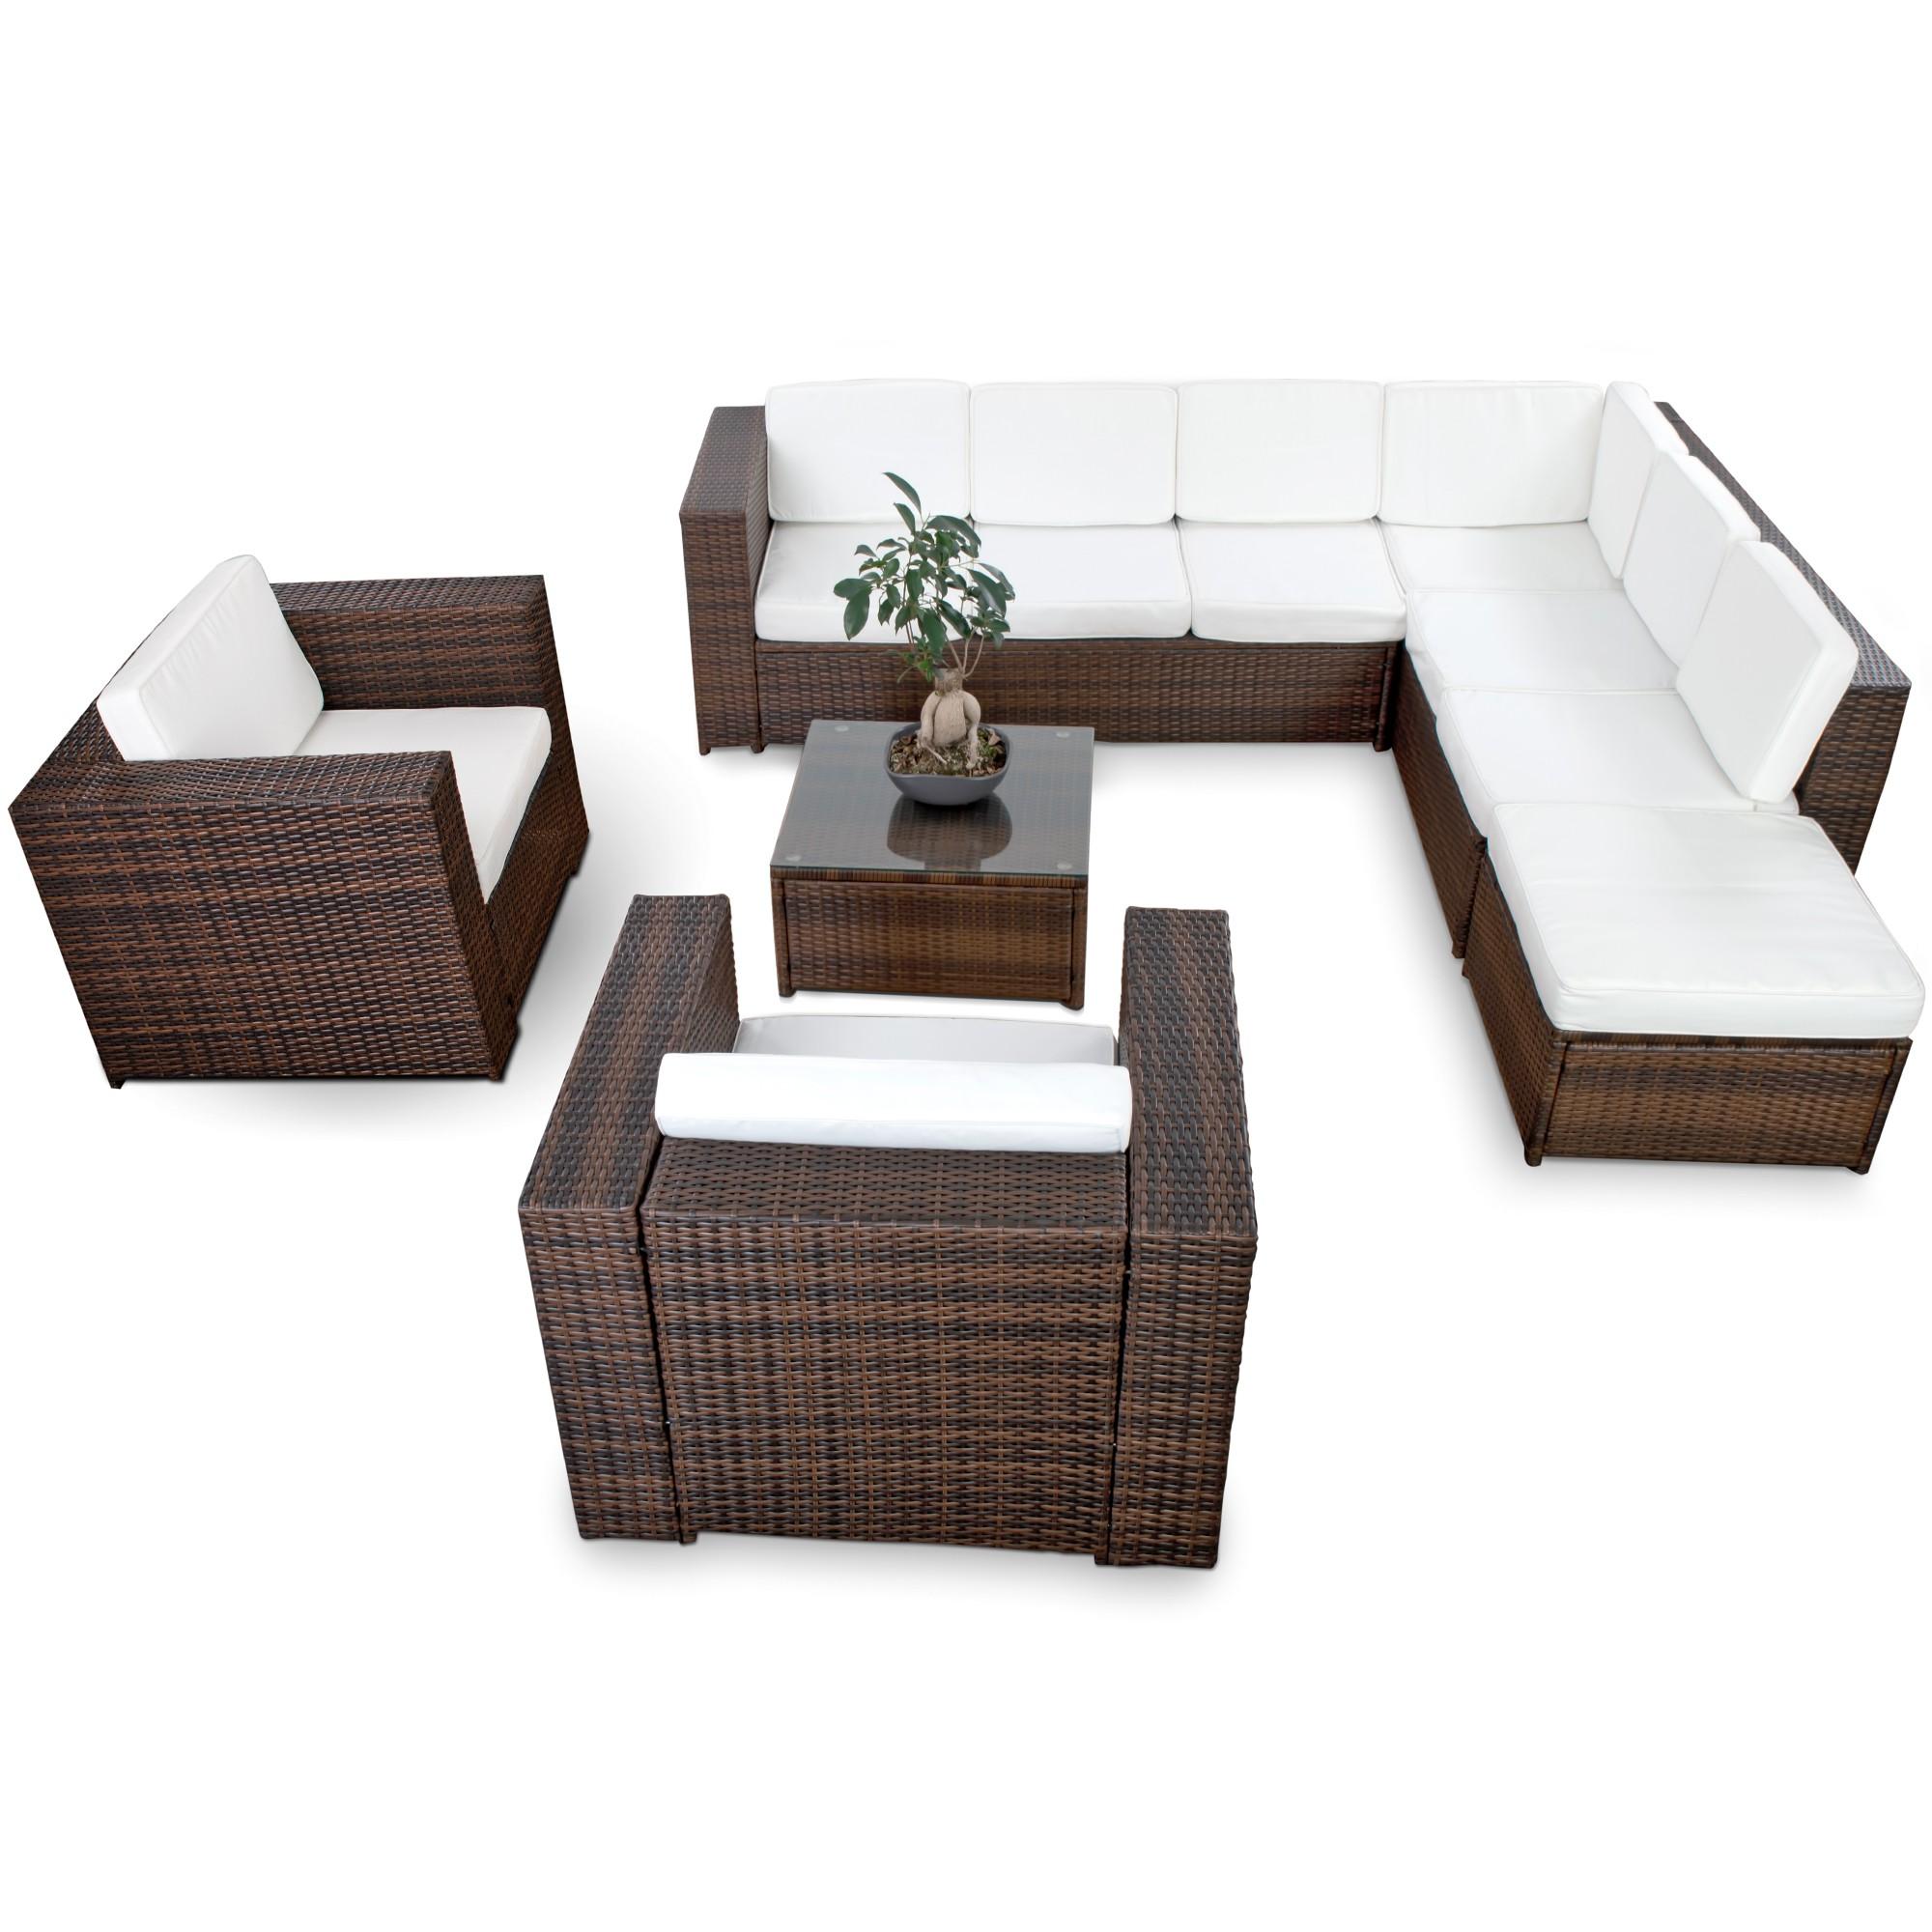 Lounge Gartenmöbel Set ▻ günstig ◅ Gartenmöbel Lounge Set kaufen